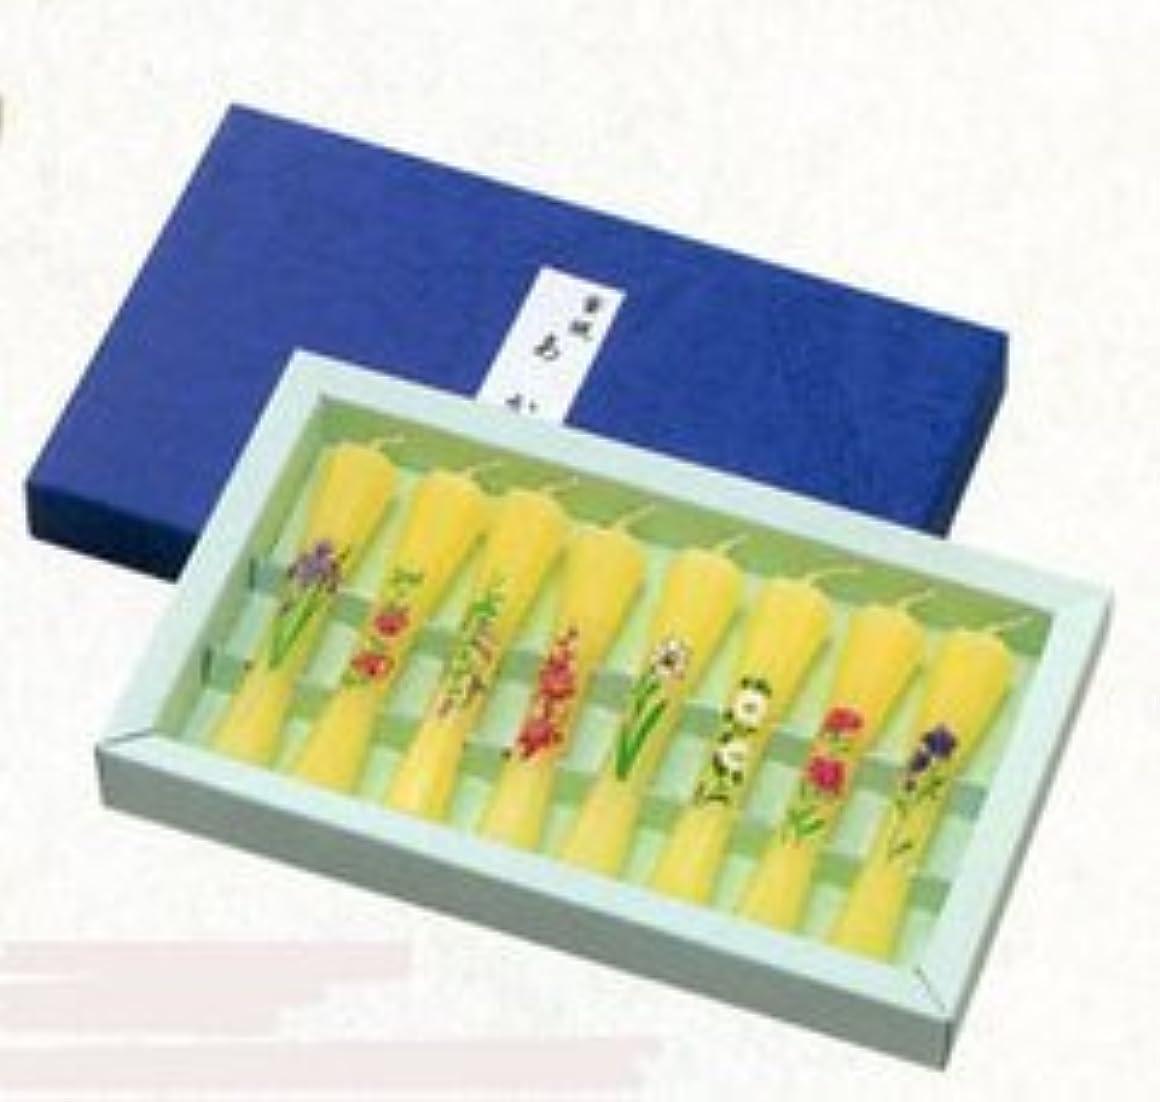 対処不毛キュービック鮮やかな花の絵ローソク8本 蜜蝋(みつろー) 茜 絵ローソク